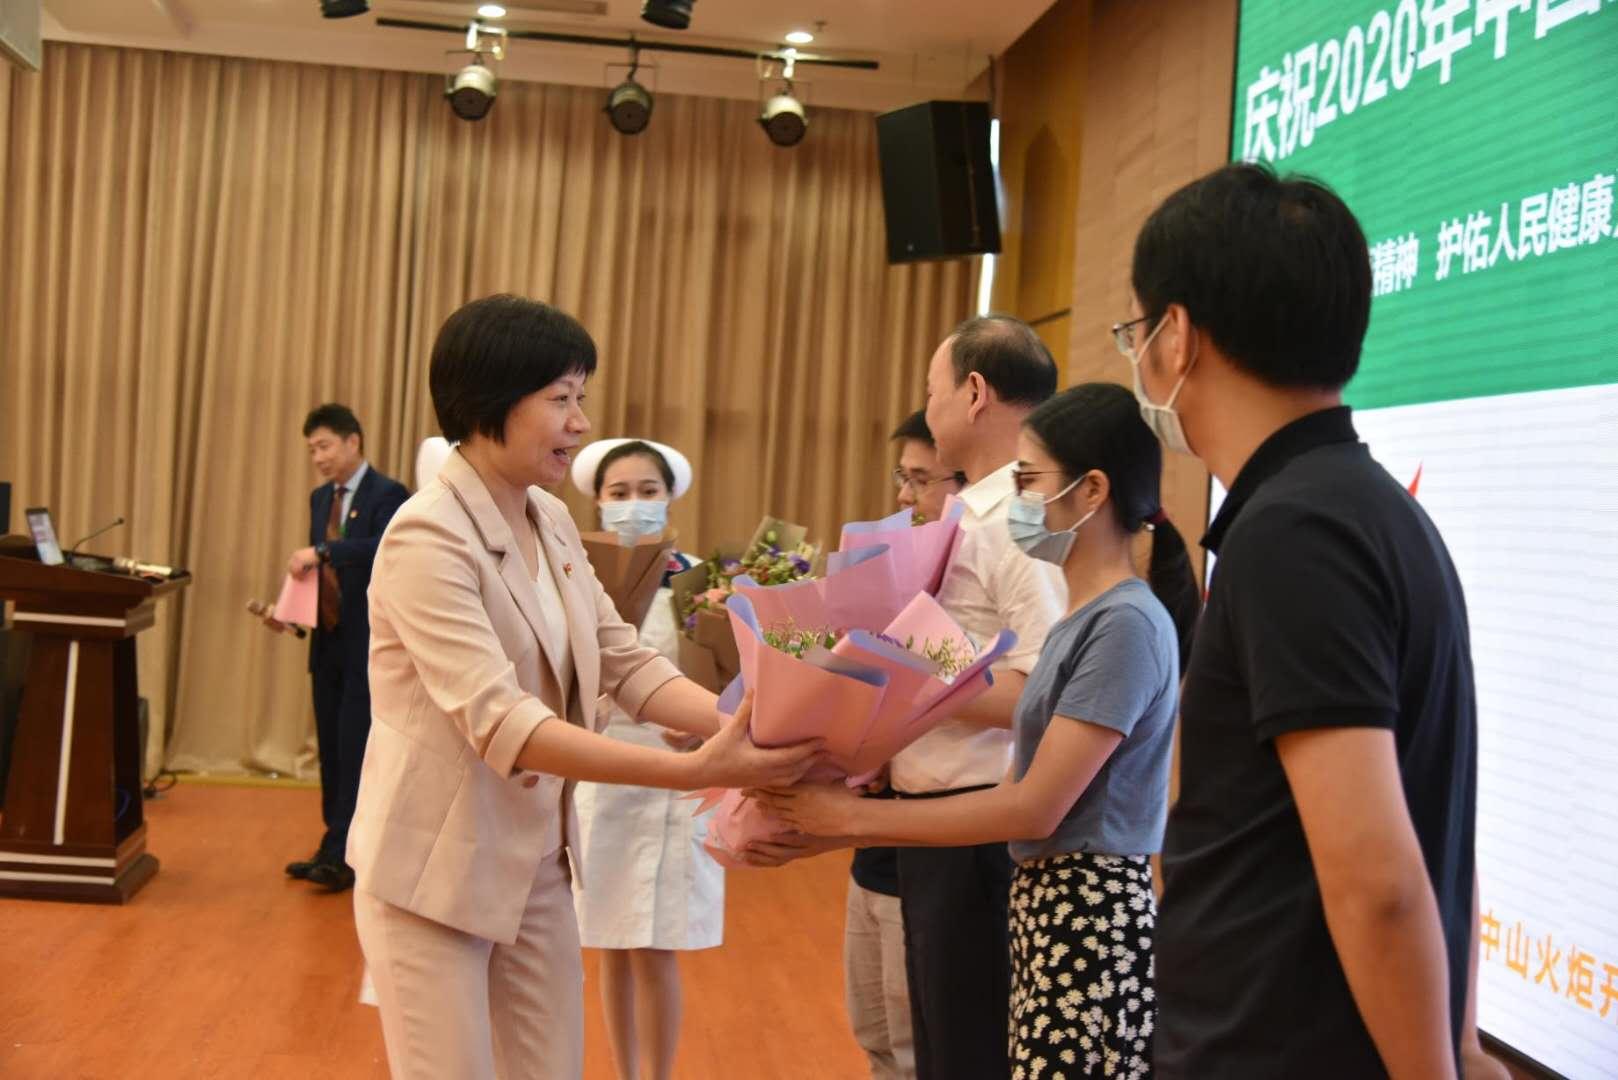 中山开发区医院举行医师节活动 16位新入职执业医师庄严宣誓